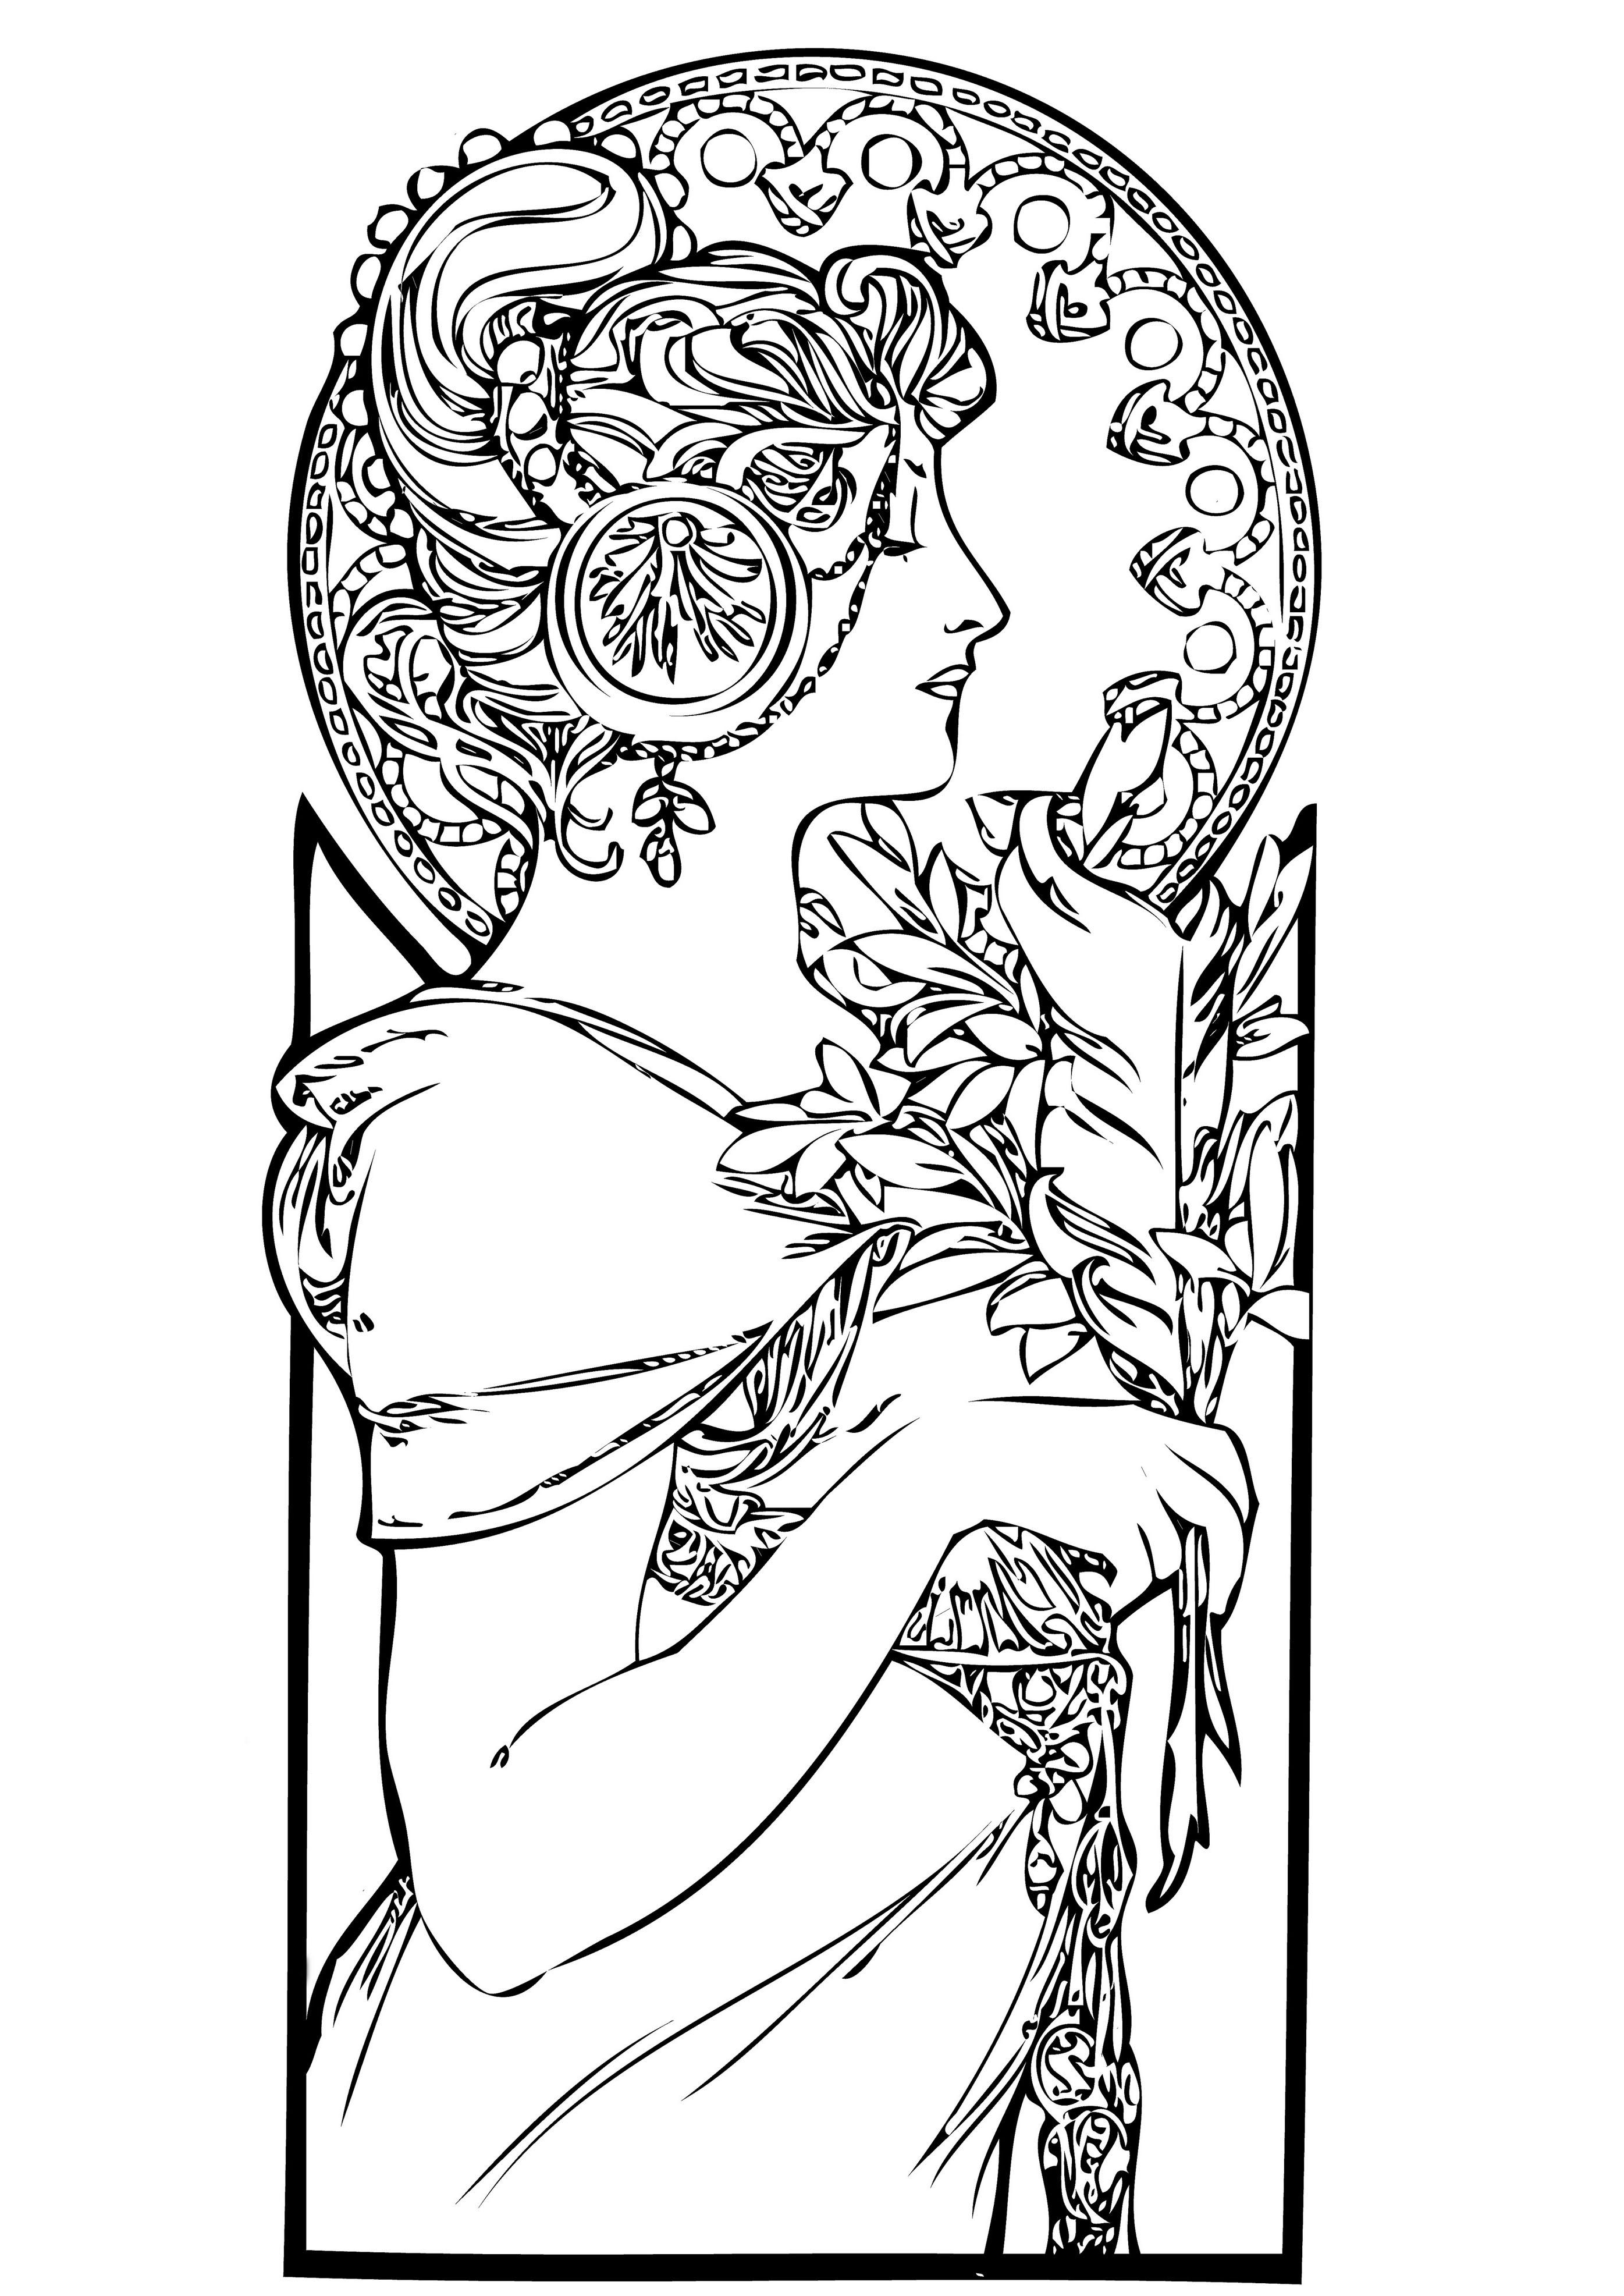 Colorear para adultos : Art nouveau - 6